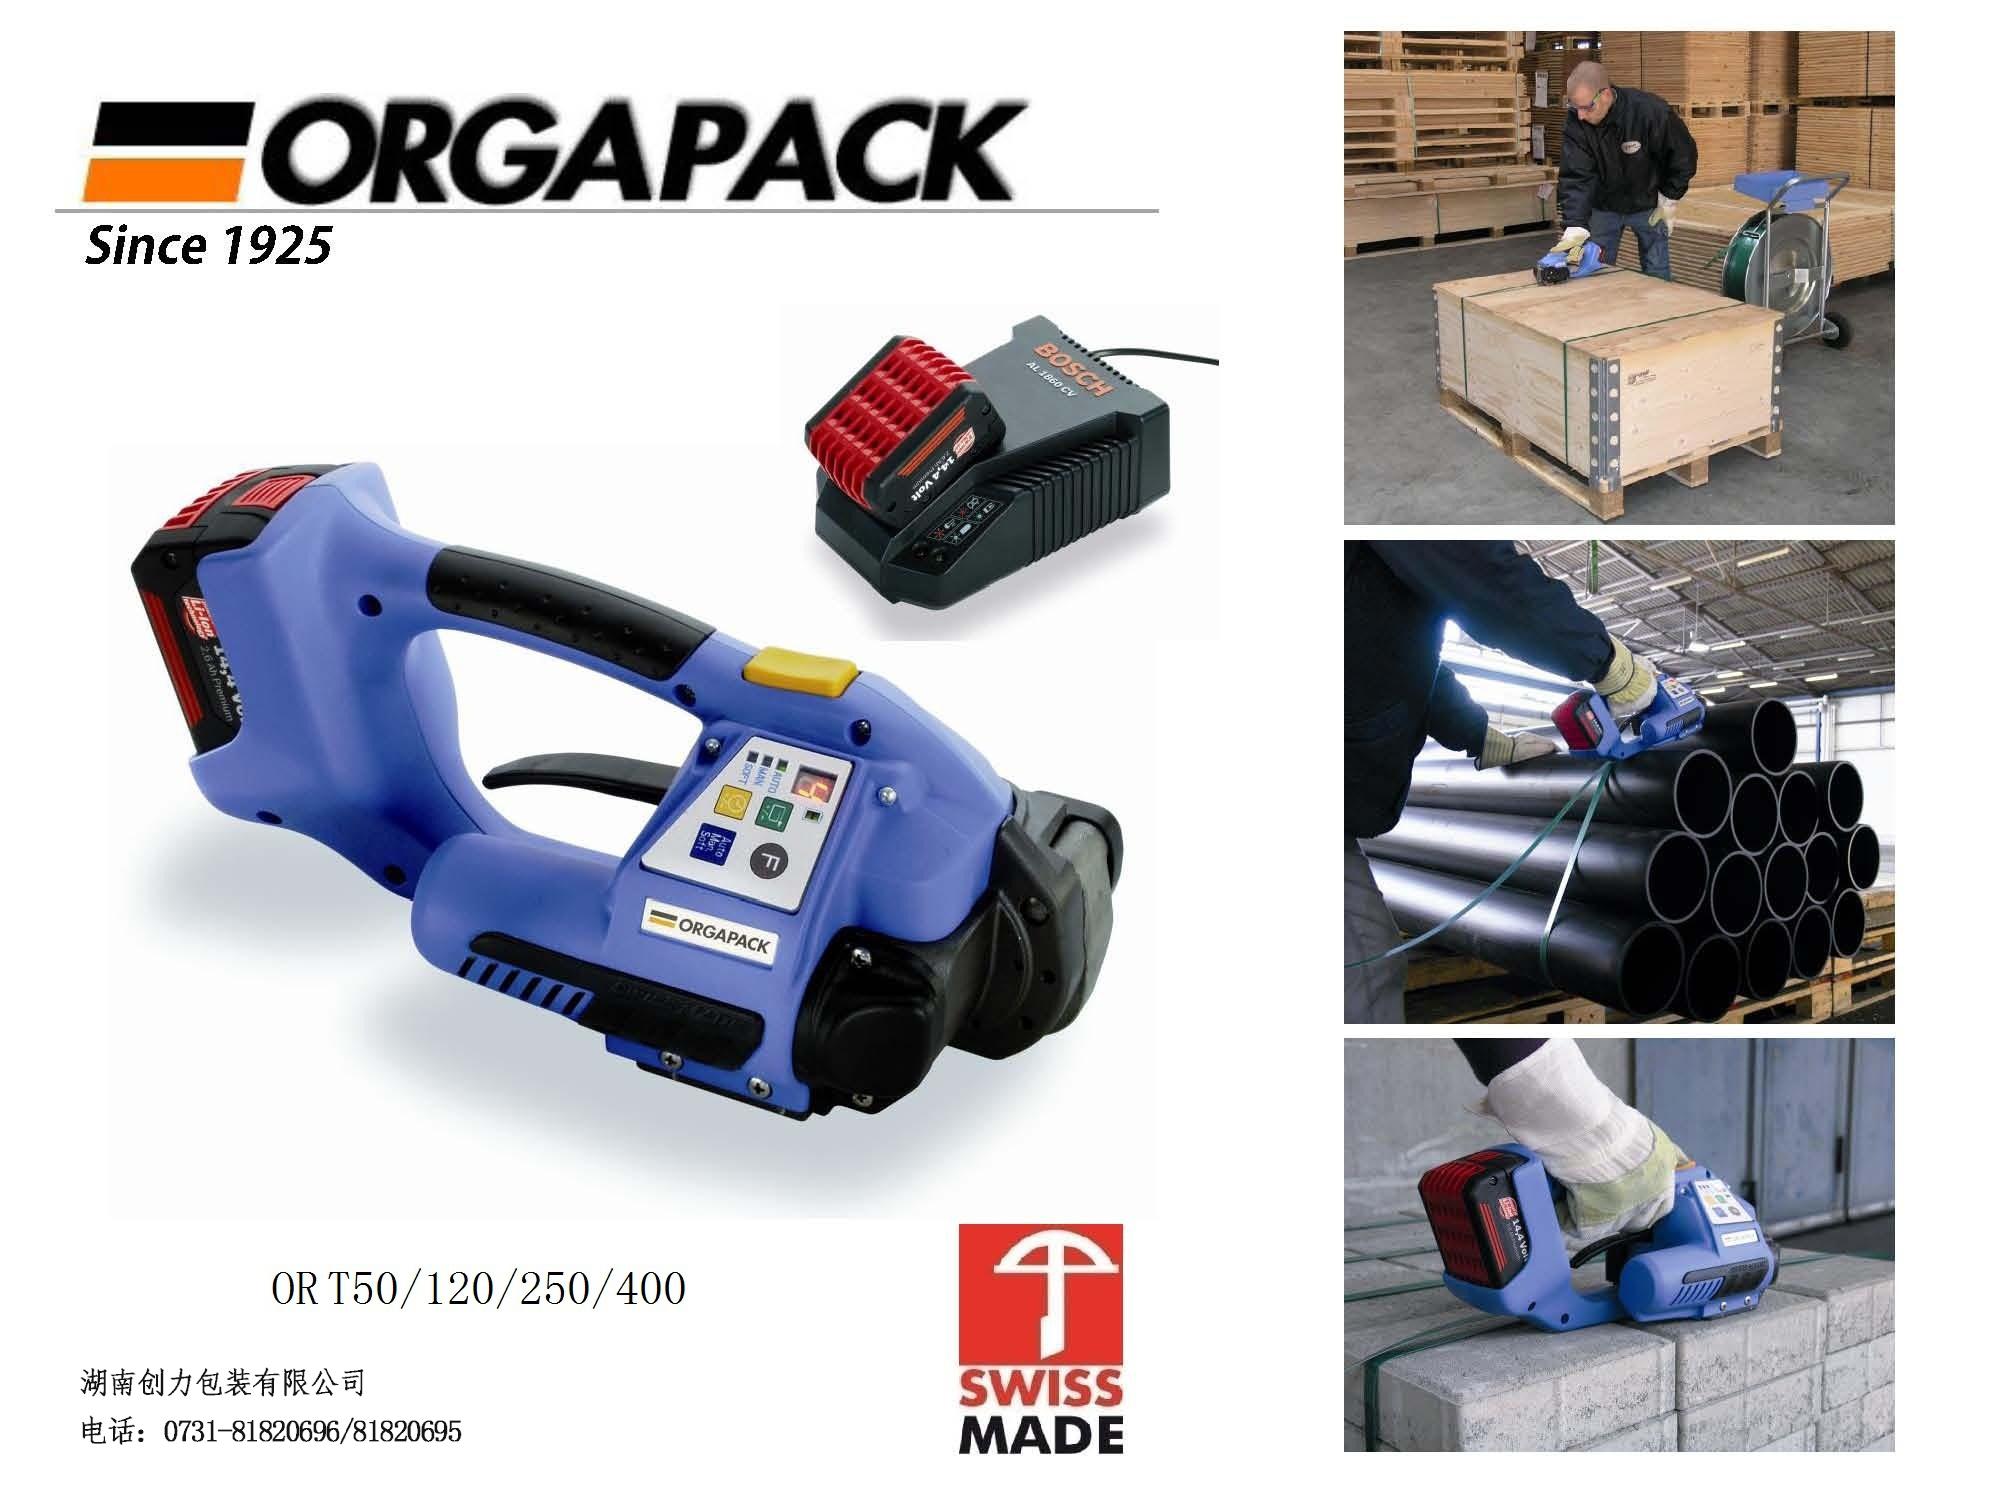 电动打包机中ORGAPACK与FROMM优劣比较?